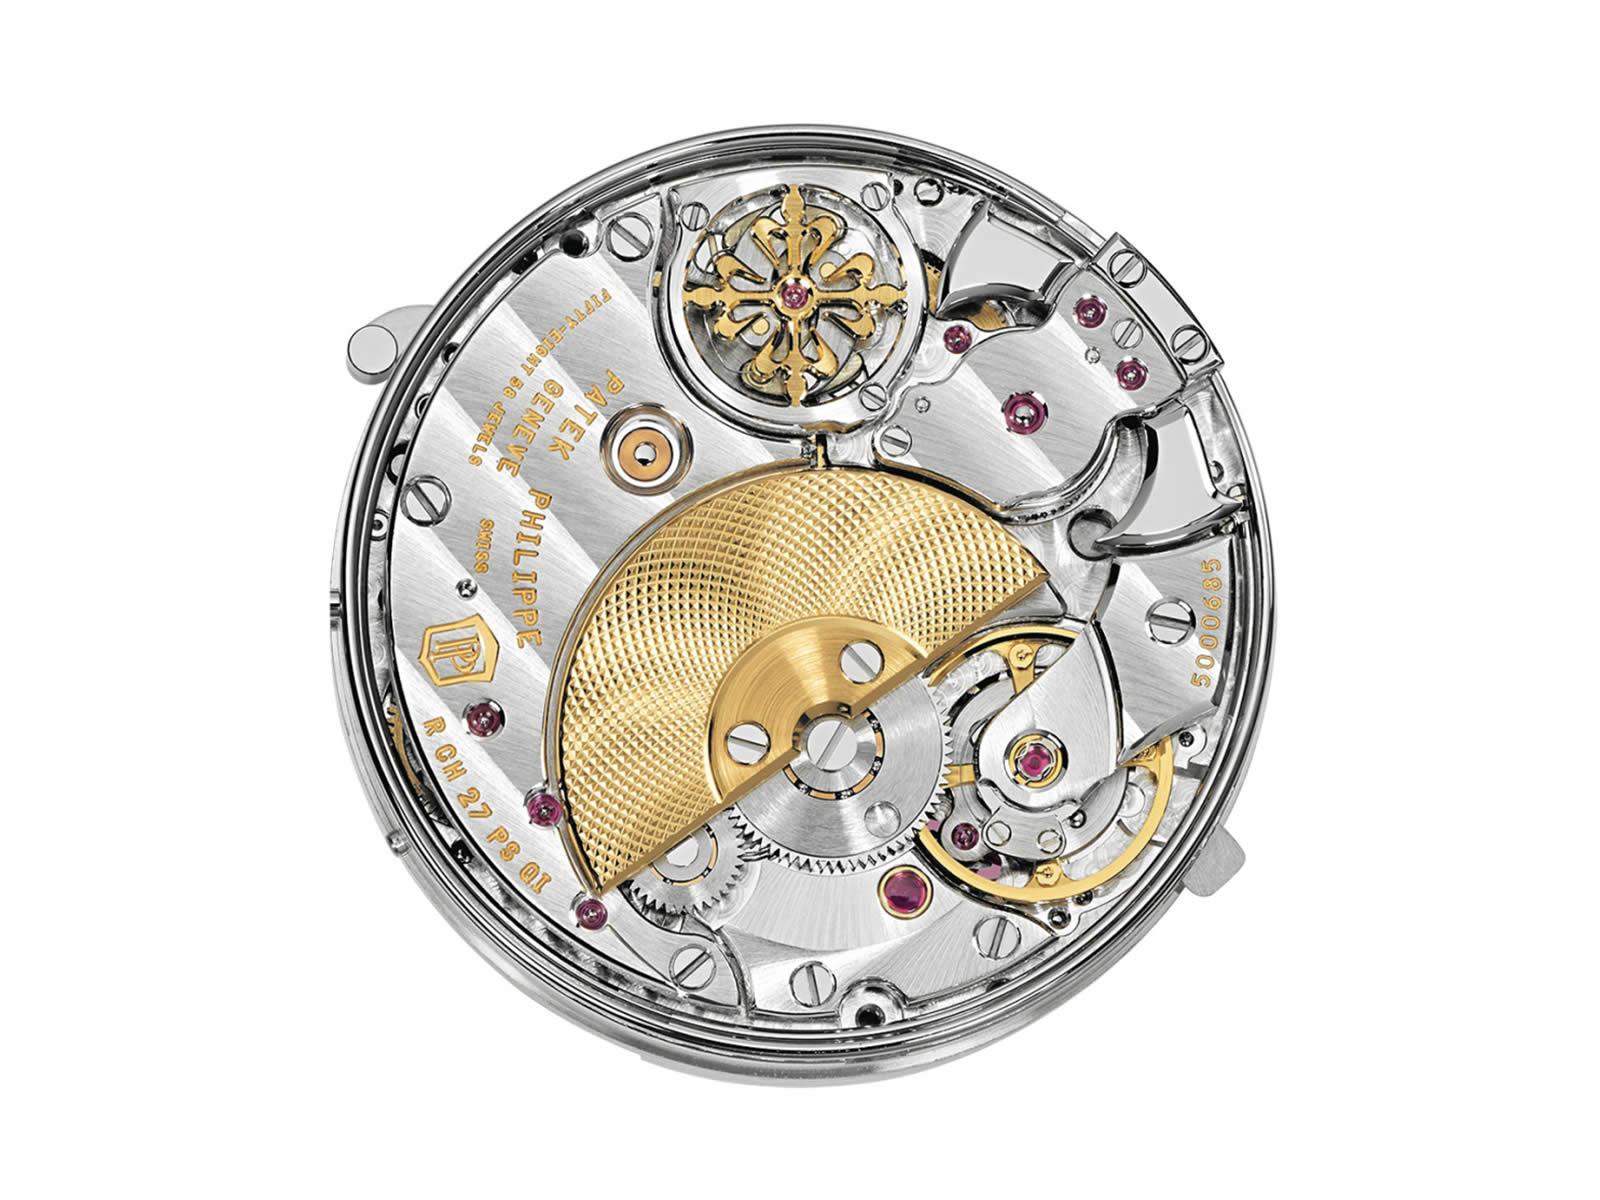 5208r-patek-philippe-minute-repeater-chronograph-perpetual-calendar-5-.jpg